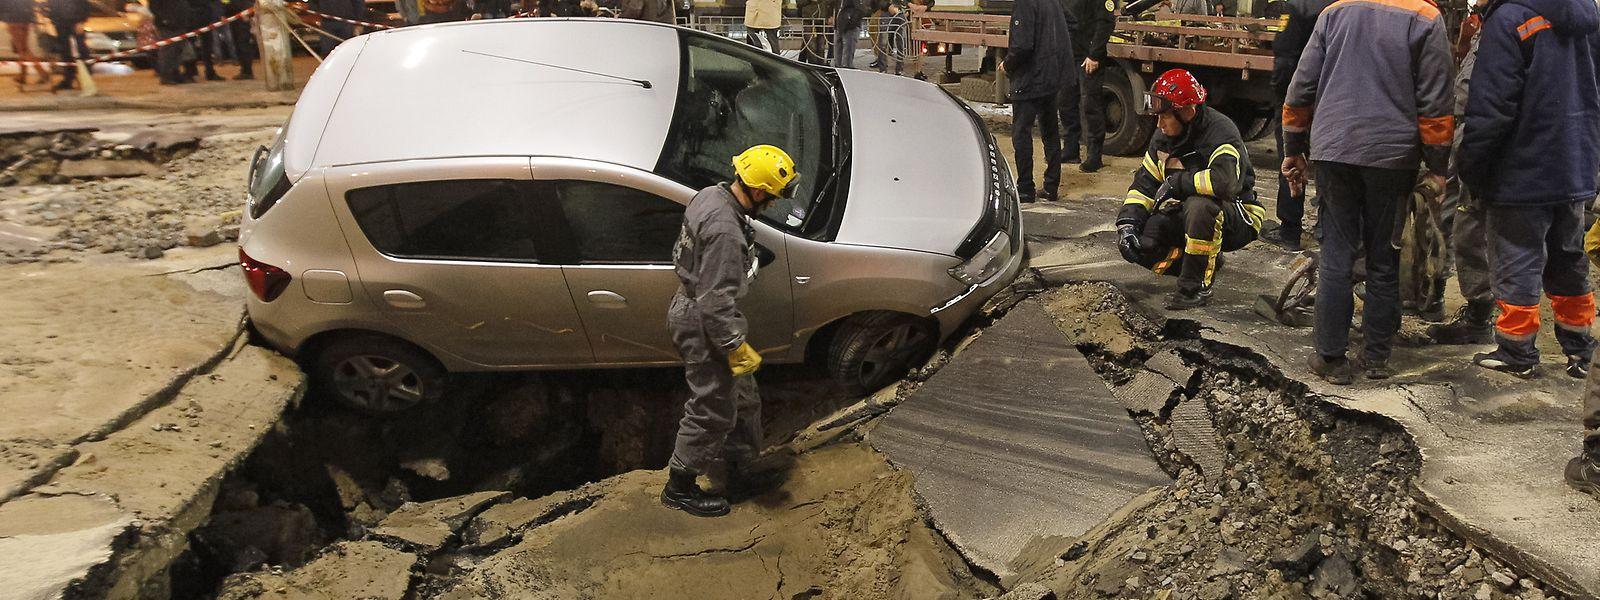 Einsatzkräfte stehen vor einem Auto, das auf einer Straße in Kiew in ein Loch gekippt ist.